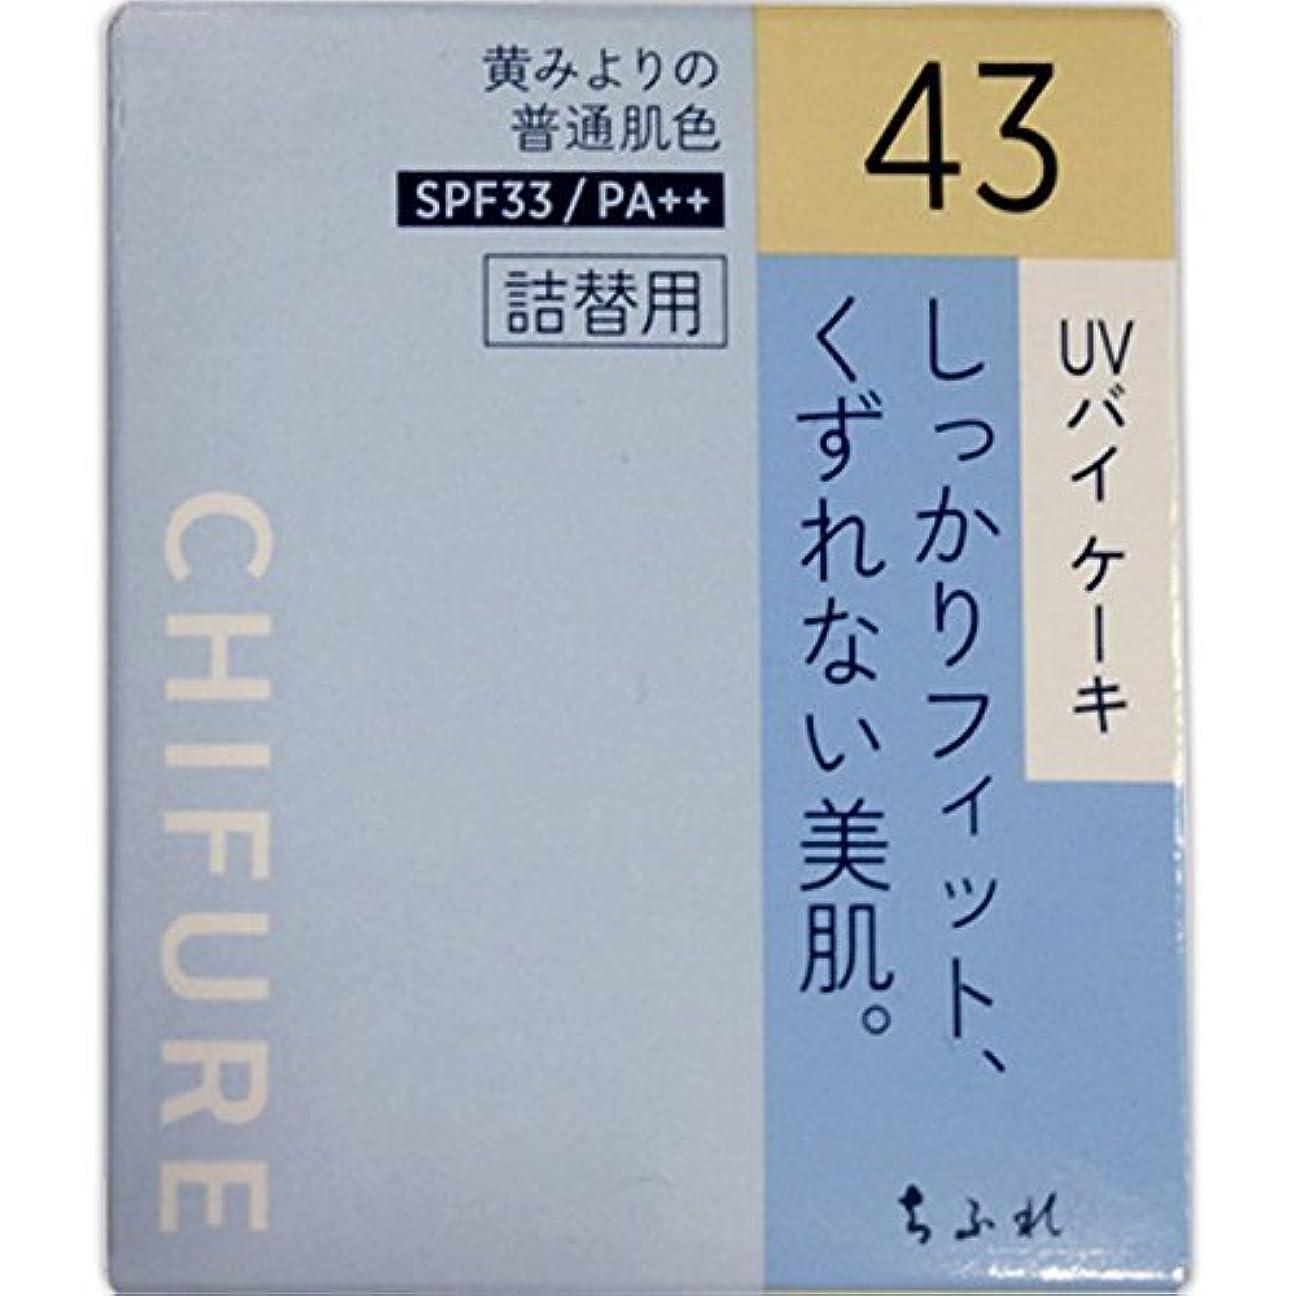 反対した星軽食ちふれ化粧品 UV バイ ケーキ 詰替用 43 黄みよりの普通肌色 43